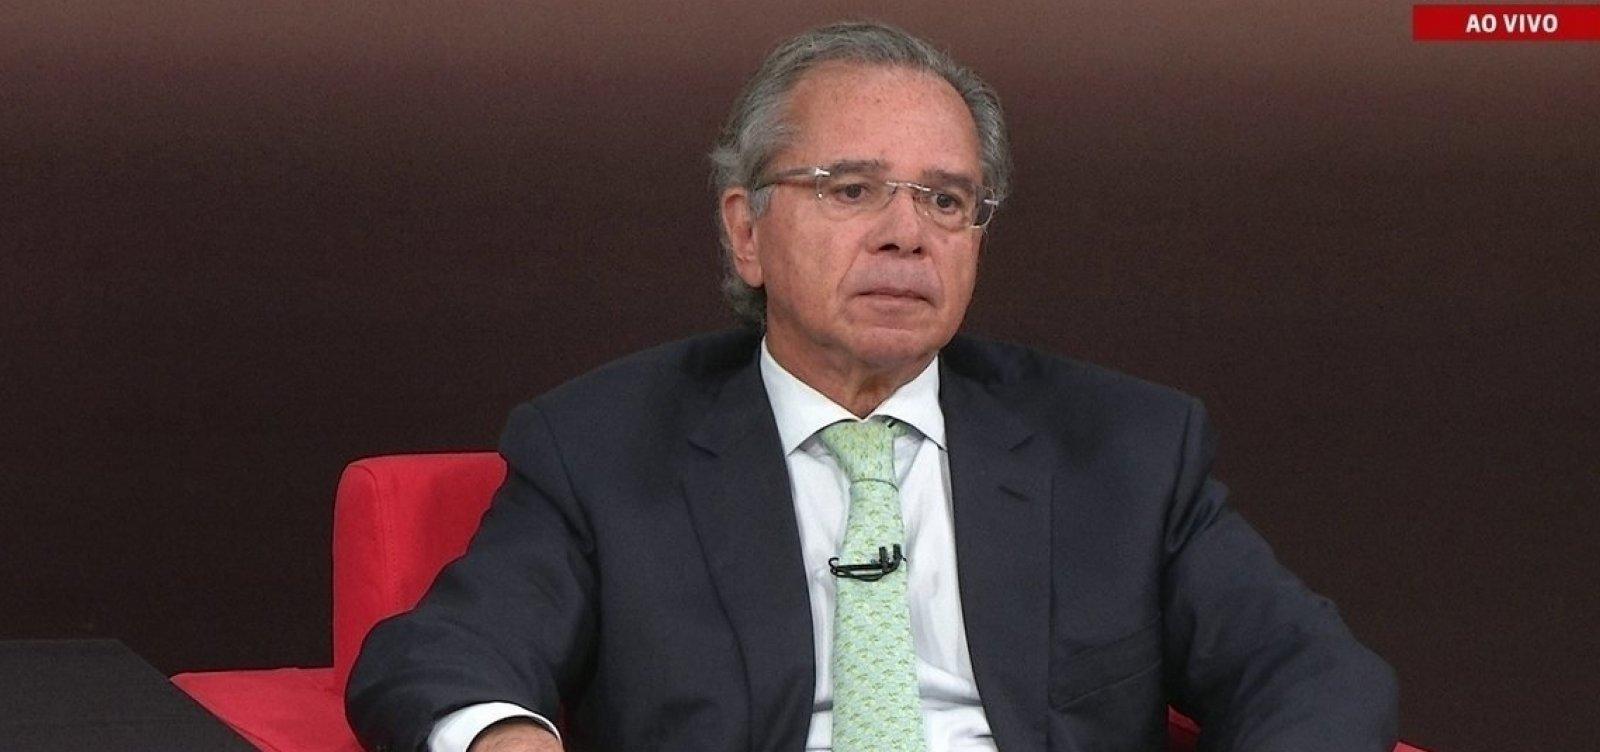 Paulo Guedes diz que polêmica envolvendo CPMF 'foi um equívoco enorme'